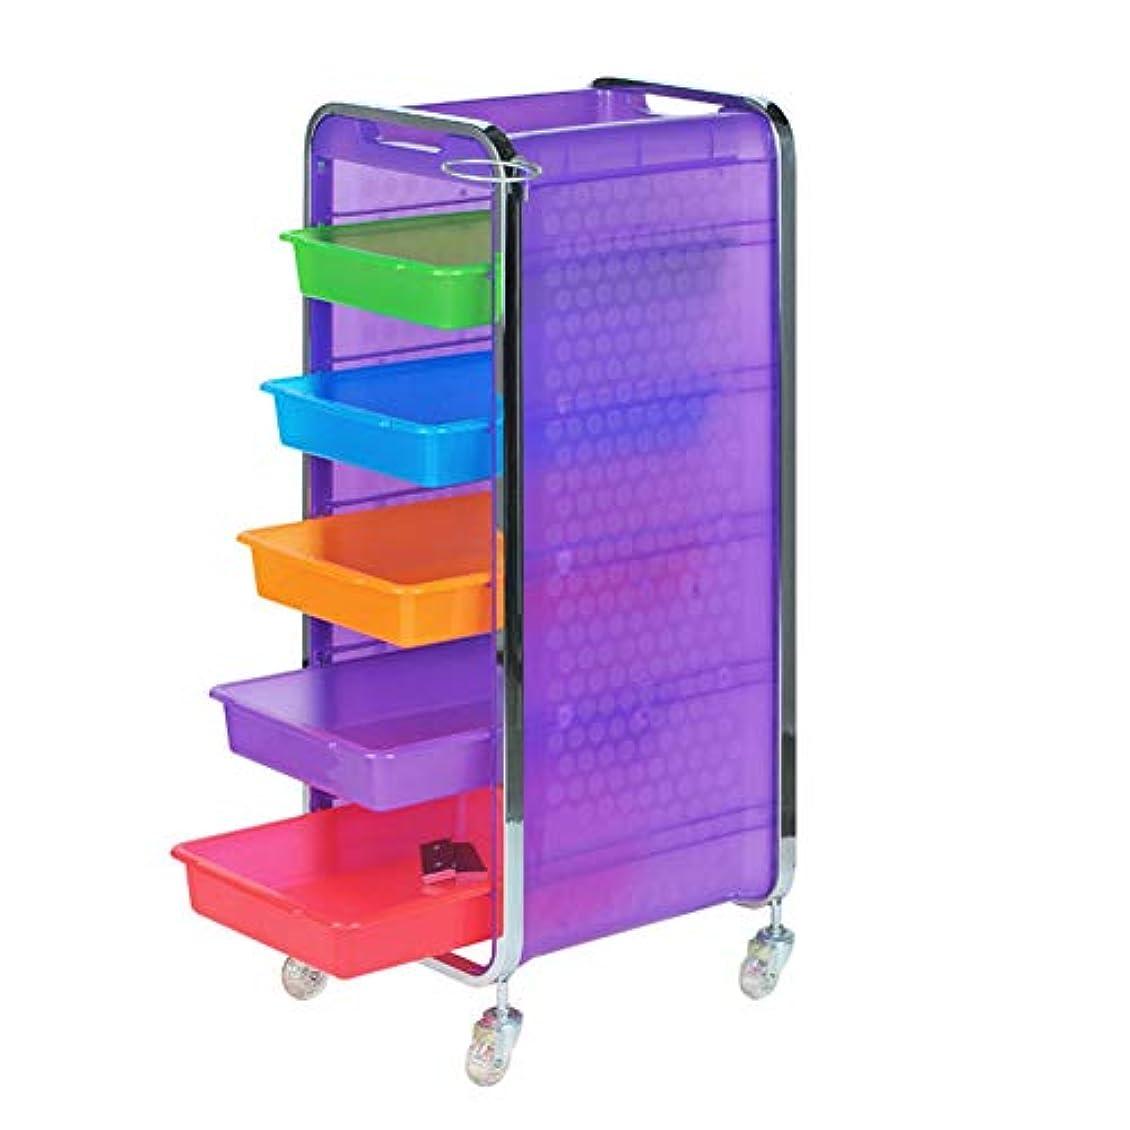 黒拍車和らげるサロン美容院トロリー美容美容収納カート6層トレイ多機能引き出し虹色,Purple,B